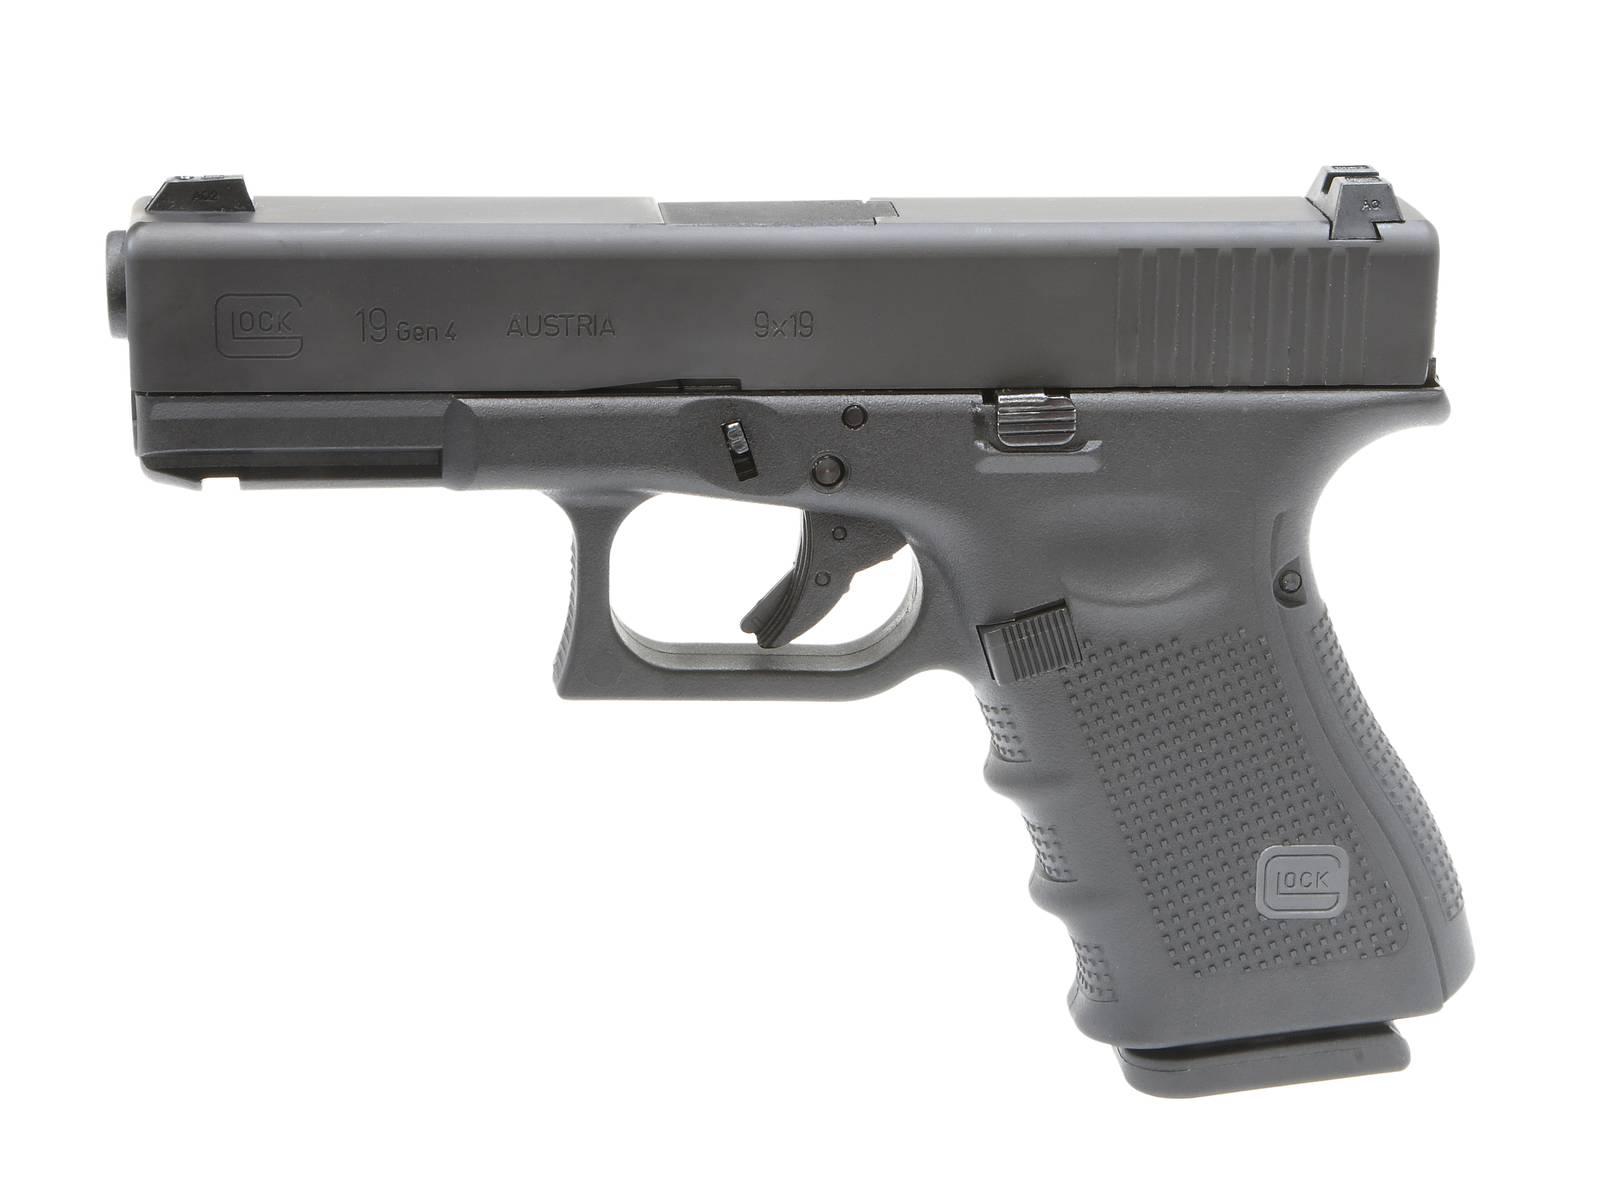 【新製品予約】Umarex GlockAirsoft G19 Gen.4 GBBハンドガン [Cerakote Limited]